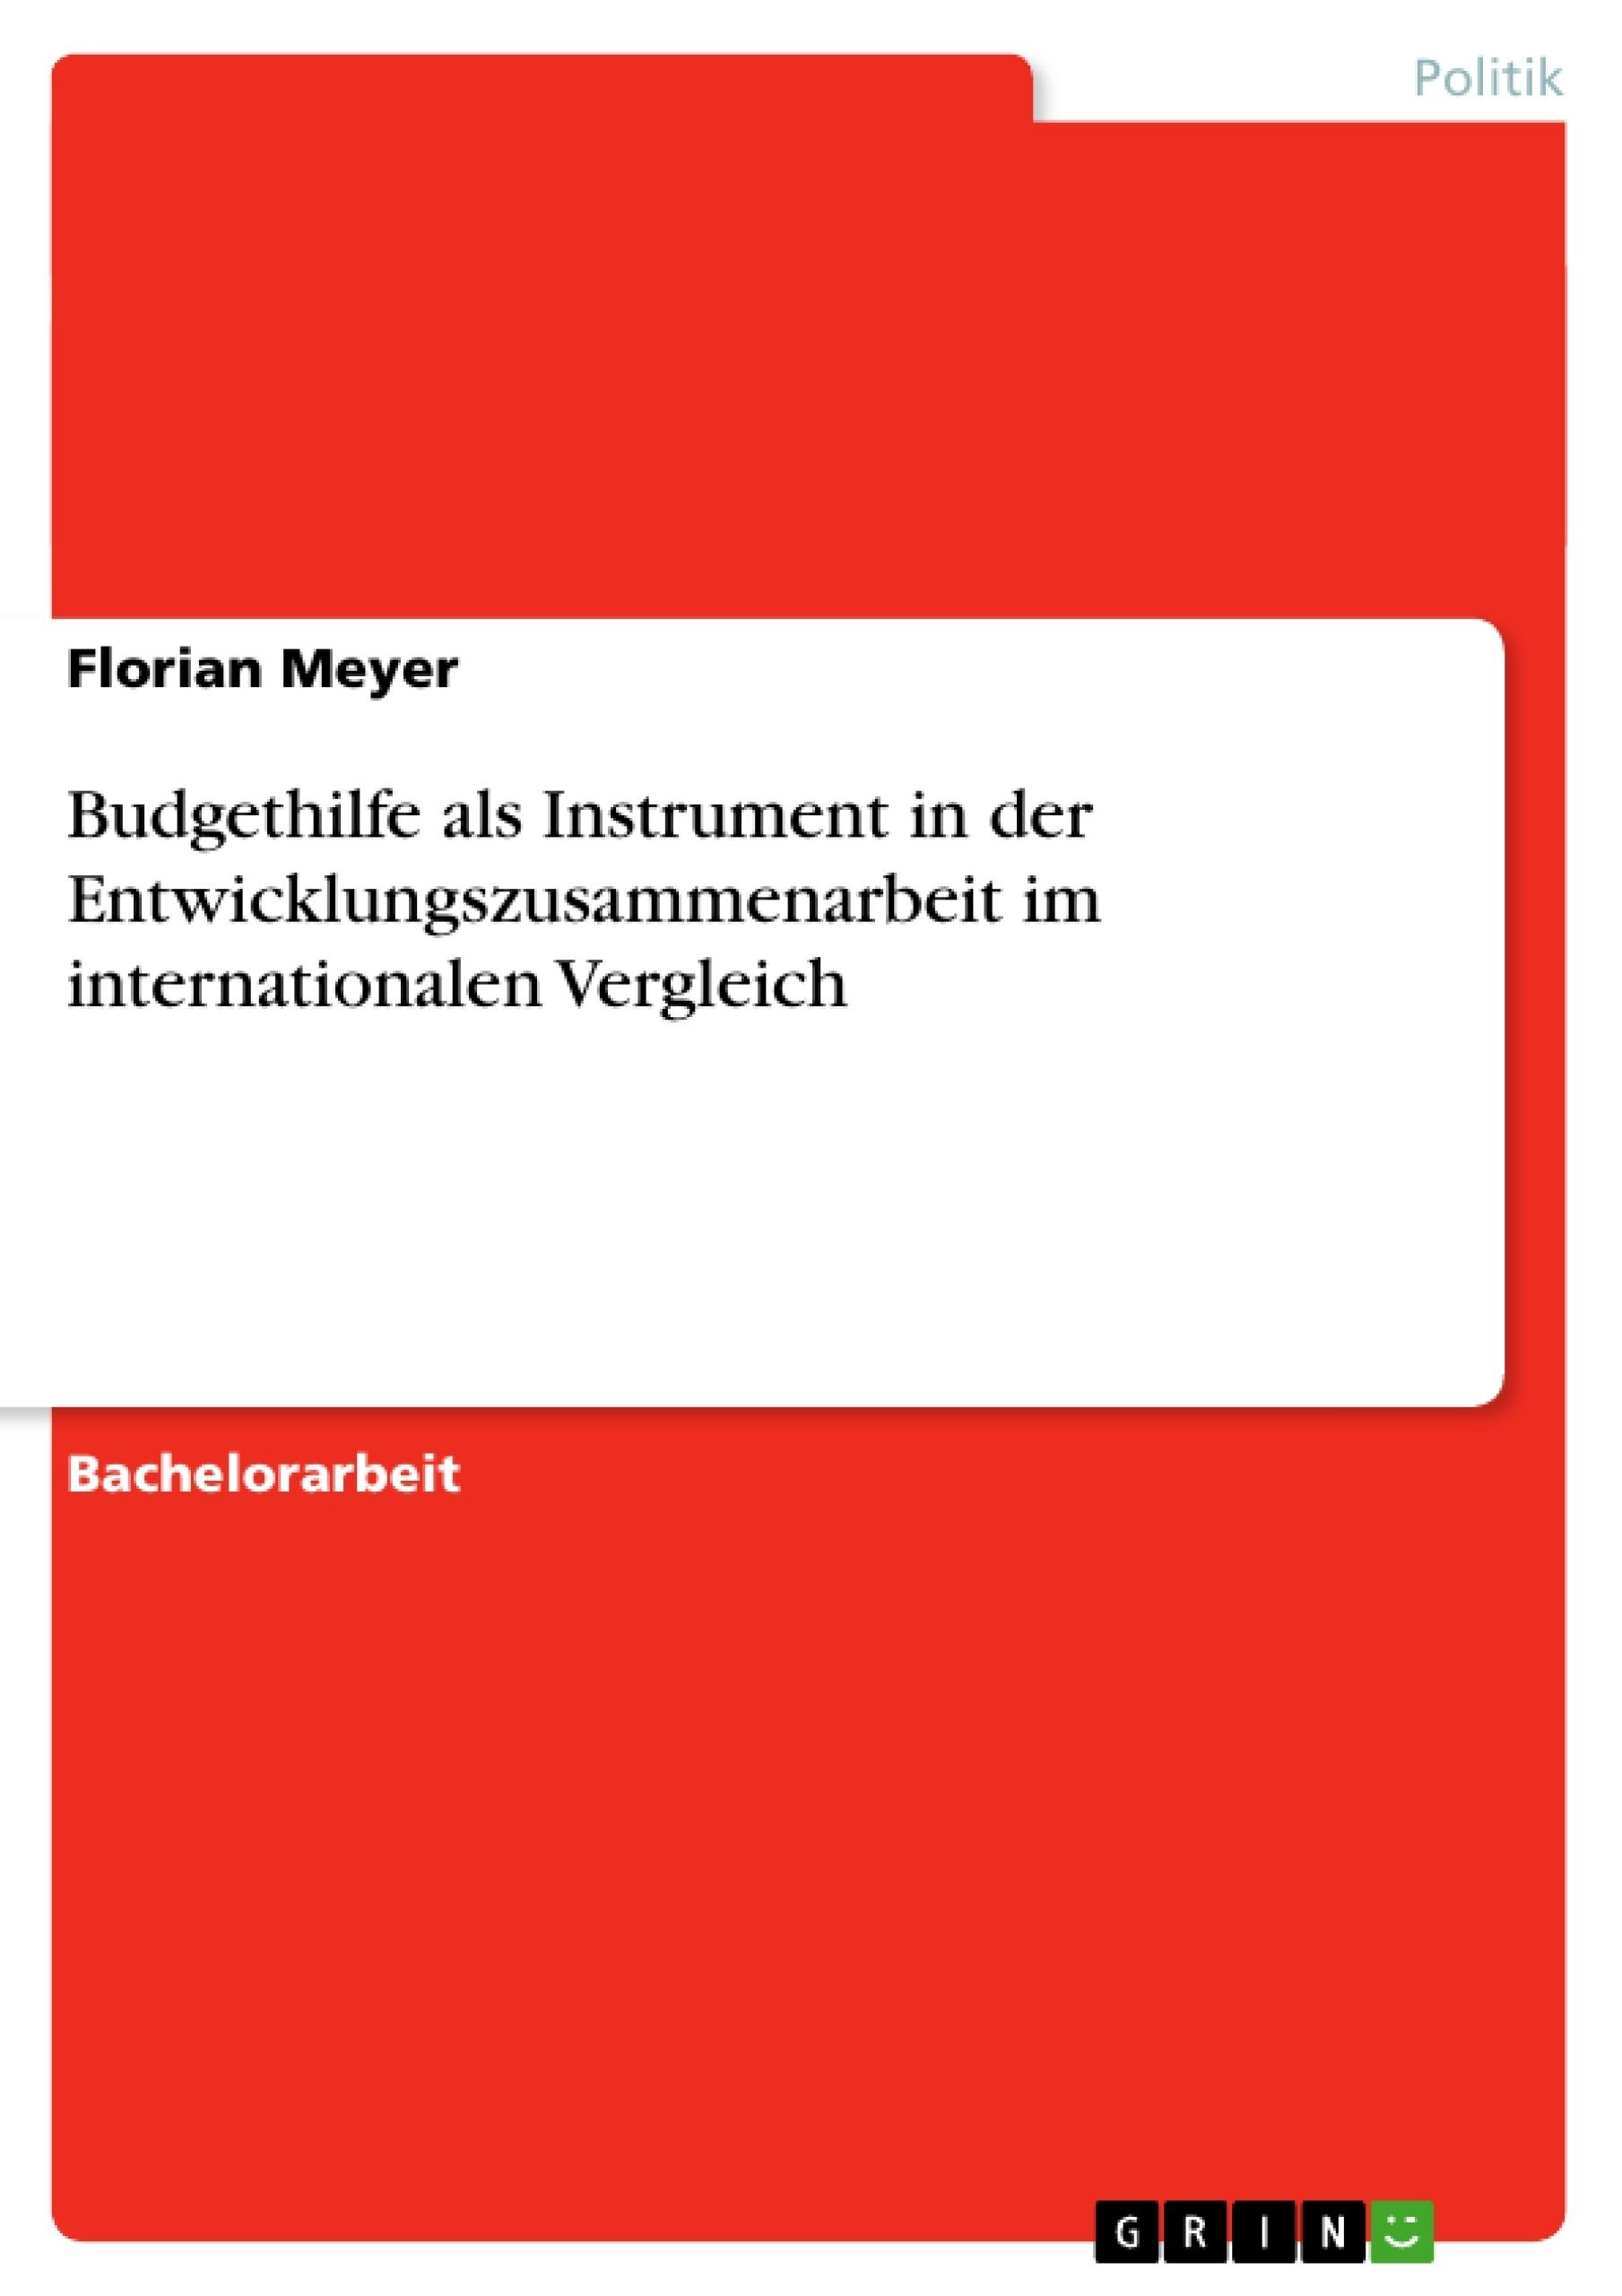 Titel: Budgethilfe als Instrument in der Entwicklungszusammenarbeit im internationalen Vergleich